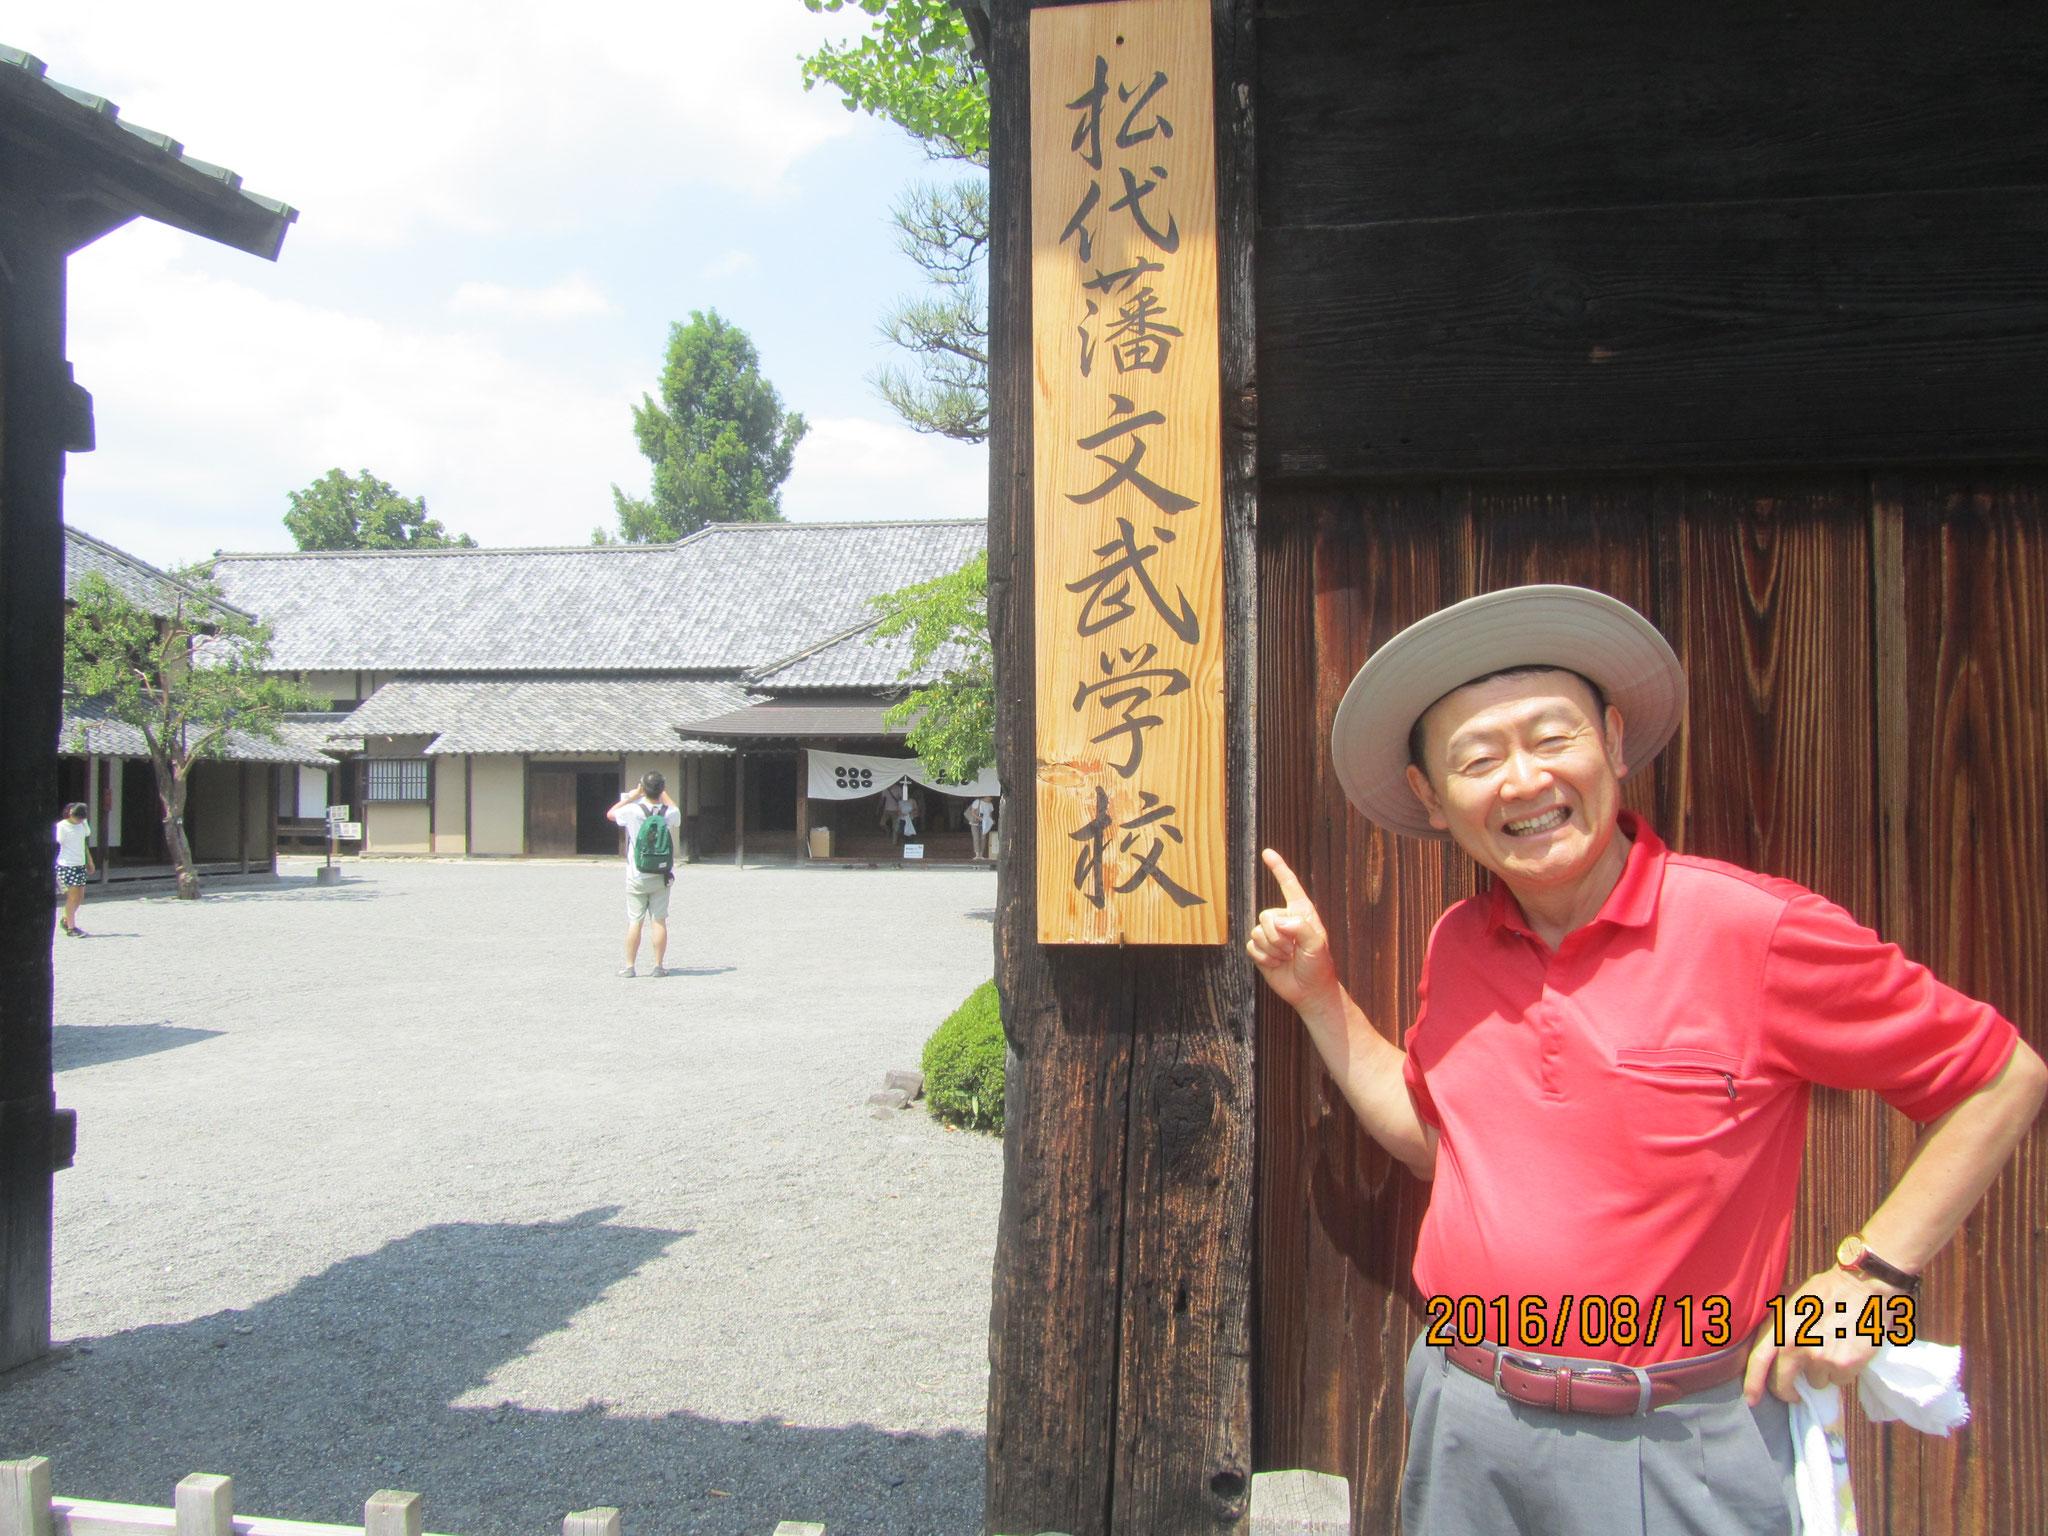 松代藩の文武(ぶんぶ)学校。藩士らを育成する藩校です。